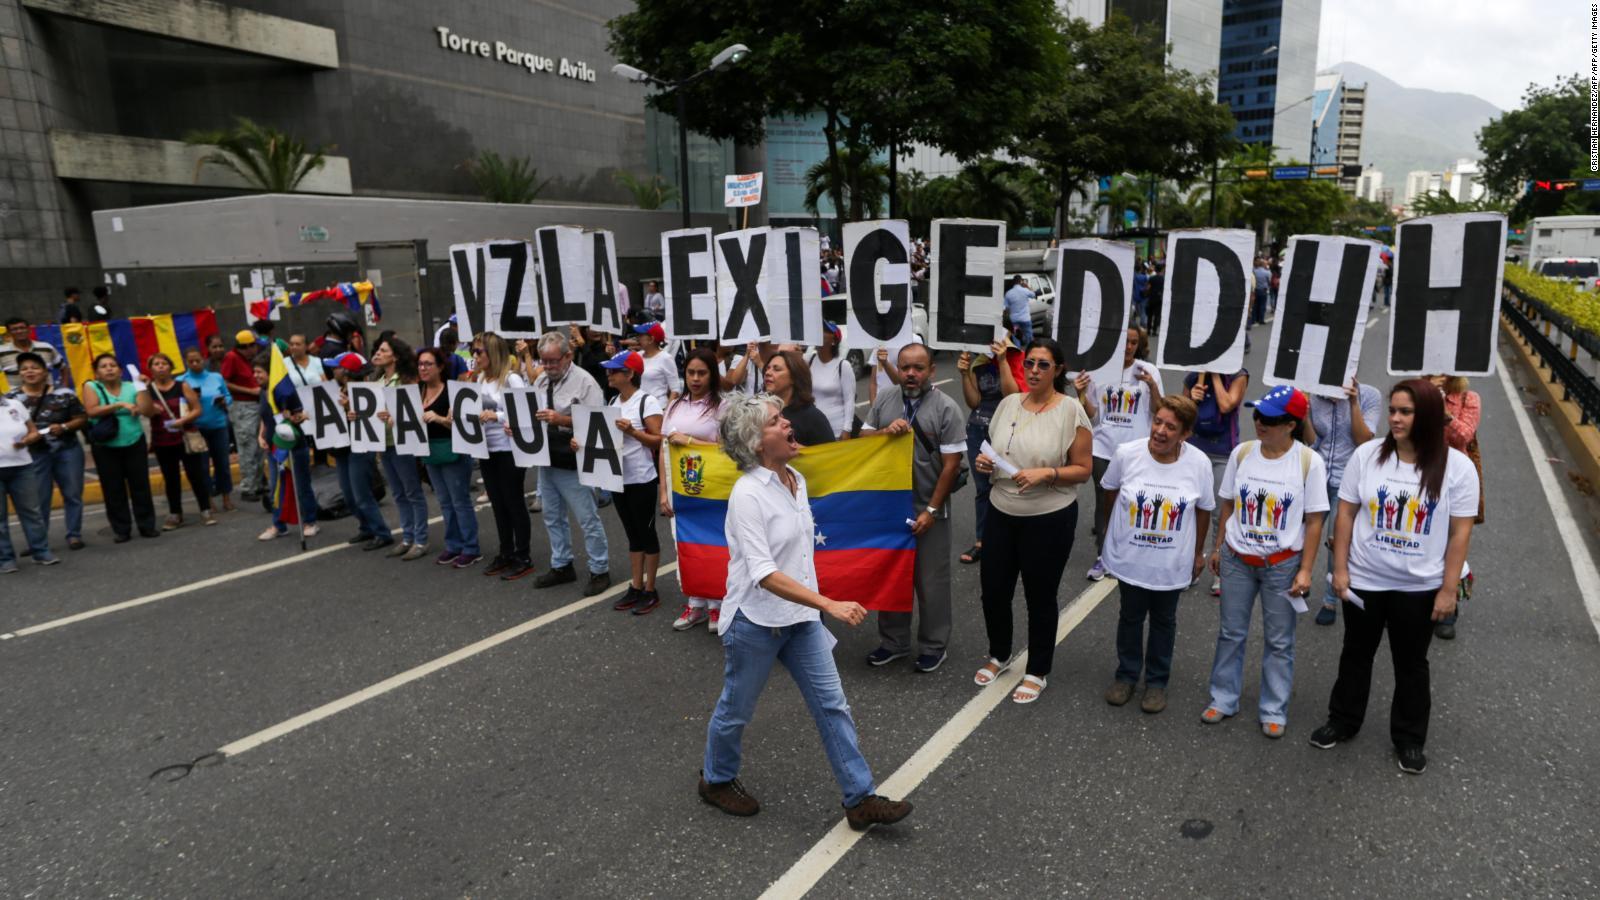 PC se echa a medio mundo político encima por defender a régimen de Maduro y descalificar informe de DD.HH. de la ONU | Infogate